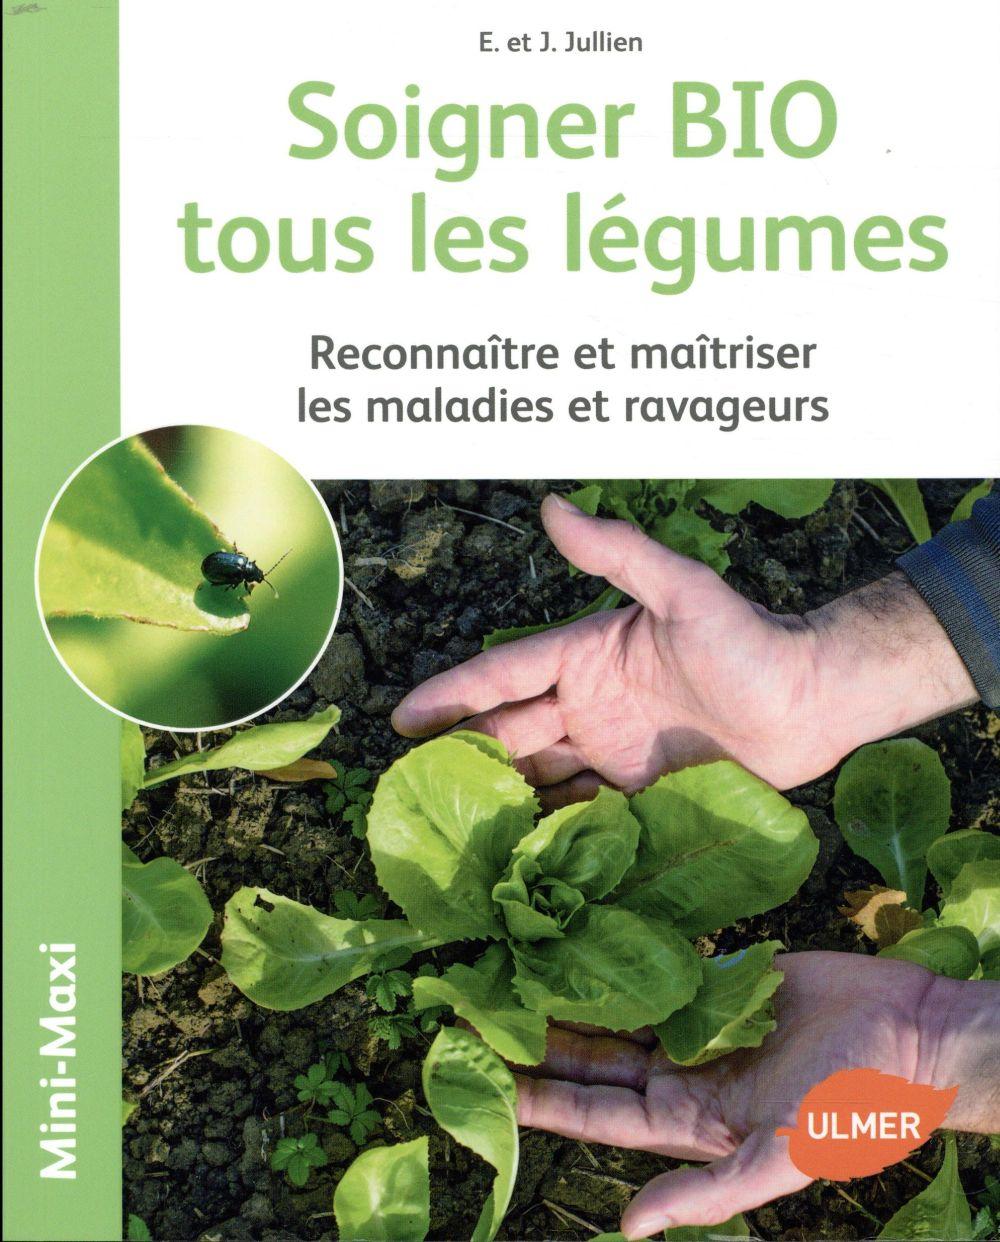 Soigner bio tous les légumes ; reconnaître et maîtriser les maladies et ravageurs